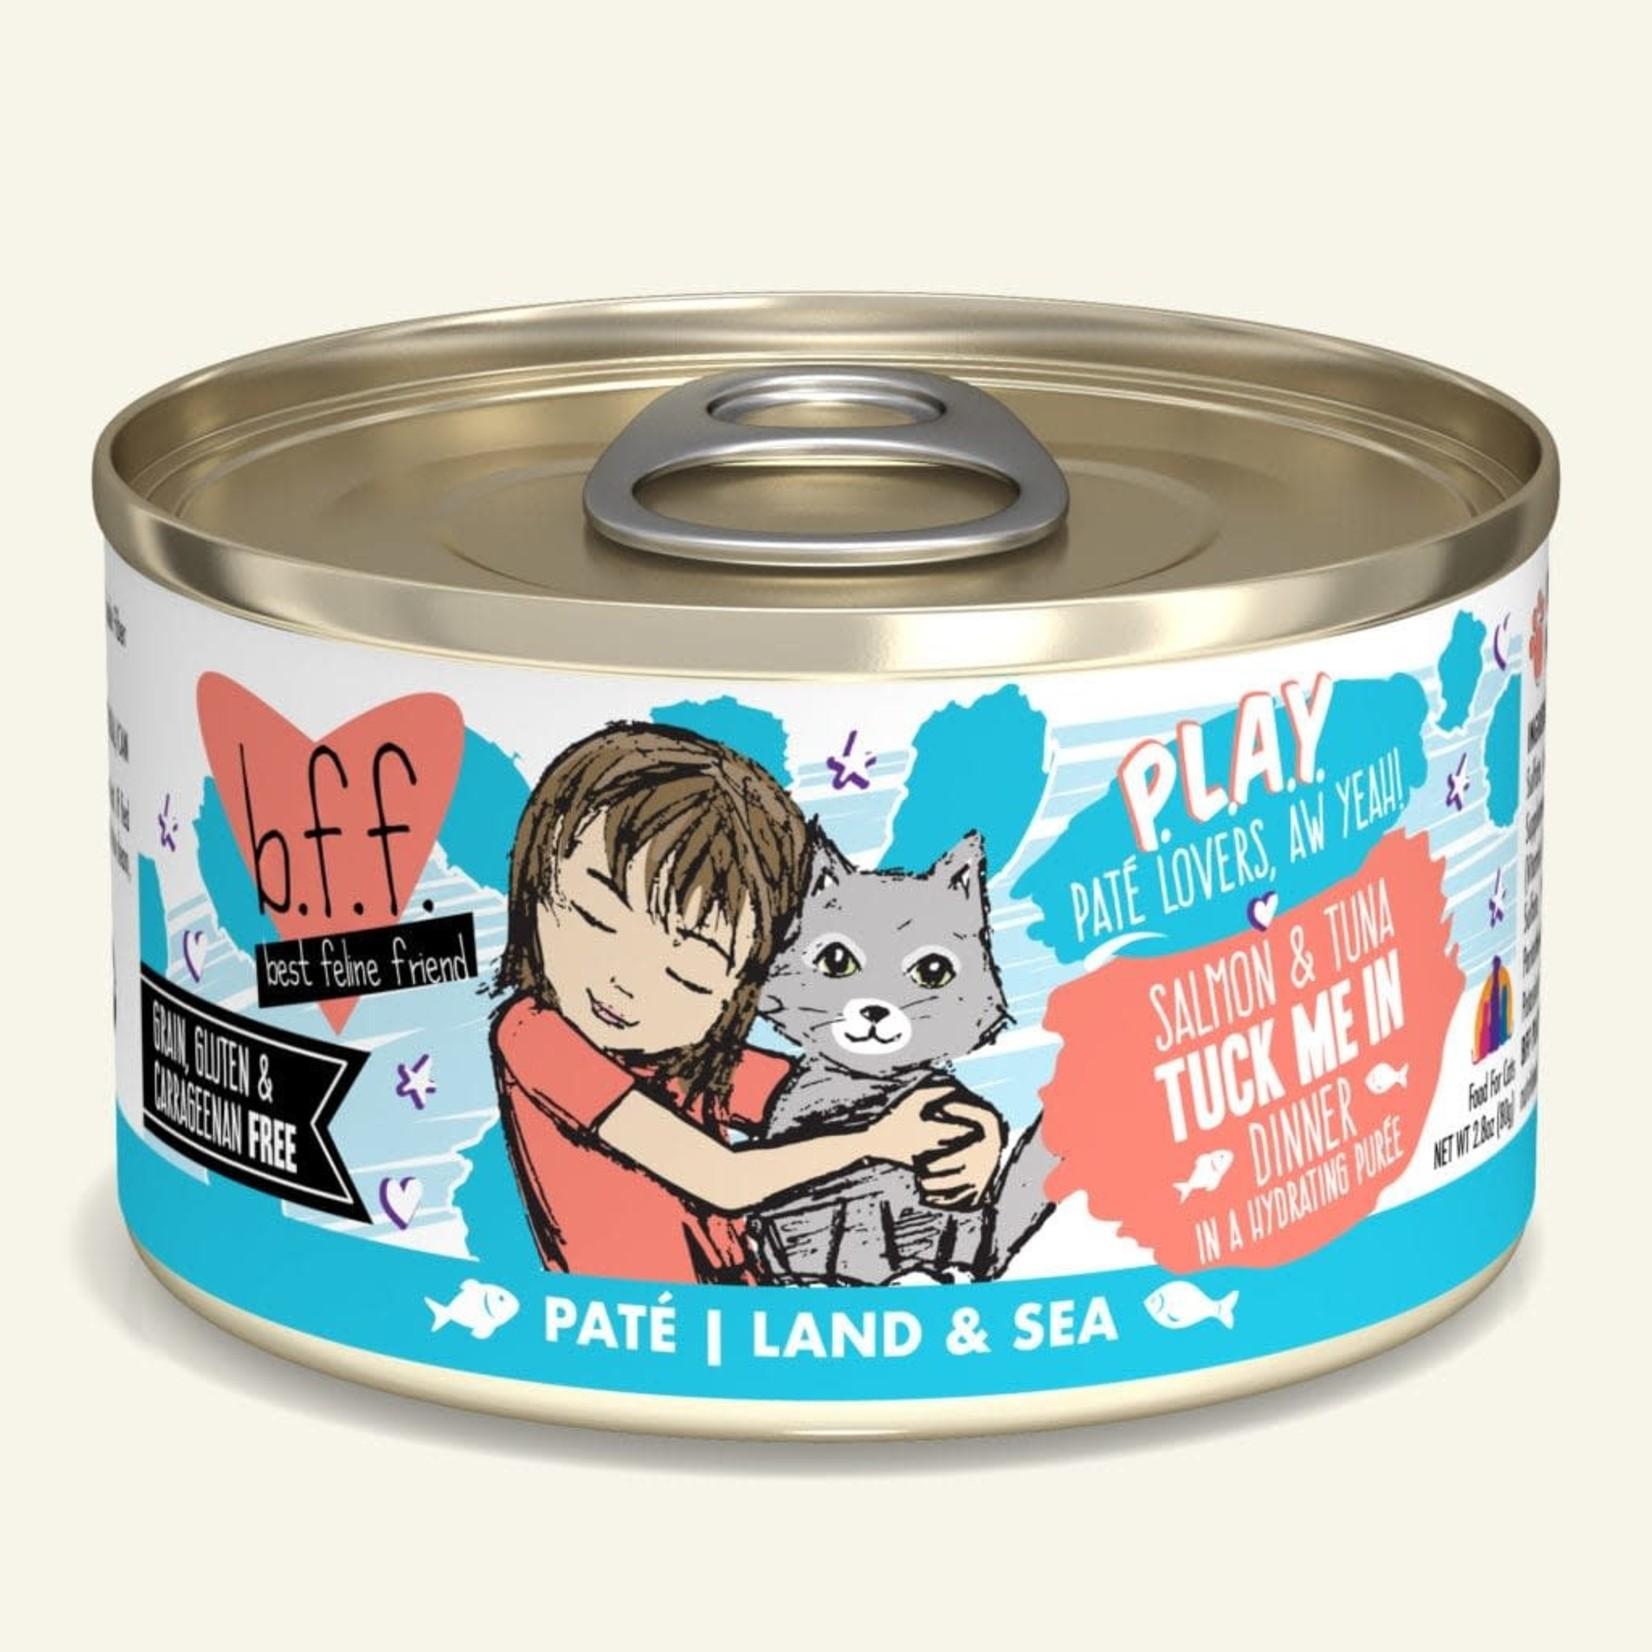 Weruva Inc. BFF PLAY Cat Salmon & Tuna Tuck Me In 2.8 OZ